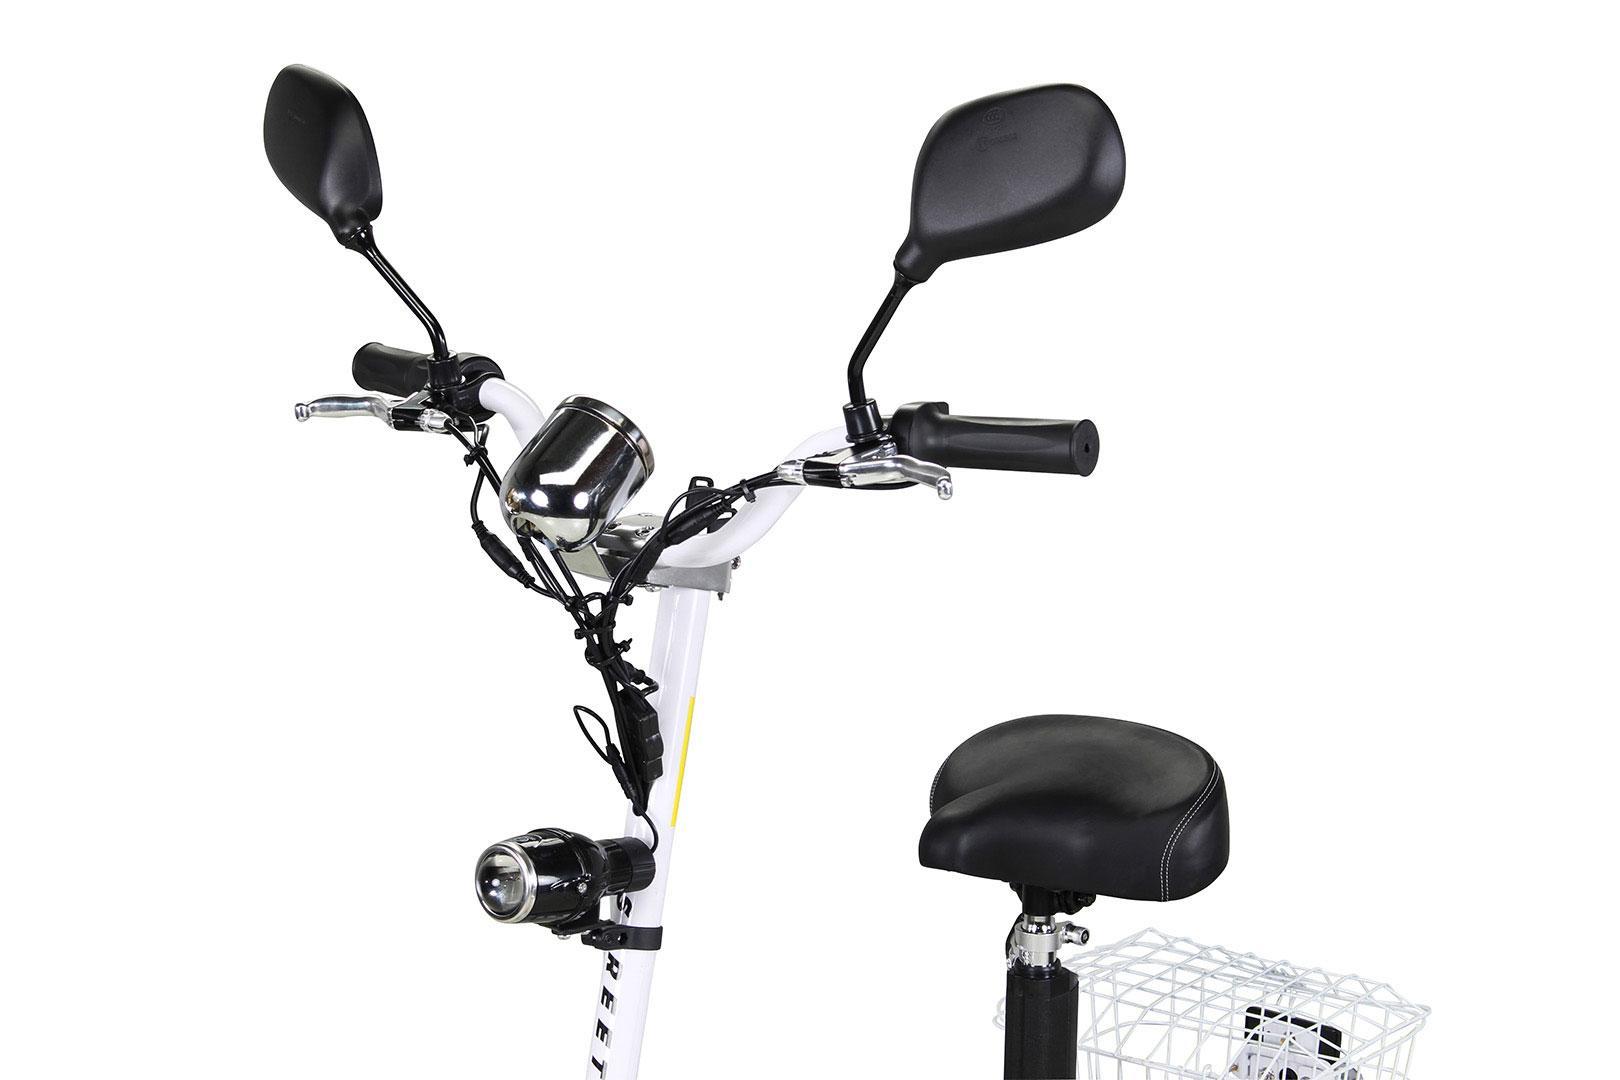 Mister ED Elektroroller S40 weiss mit Zulassung / E-Roller mit Sitz Bild 7